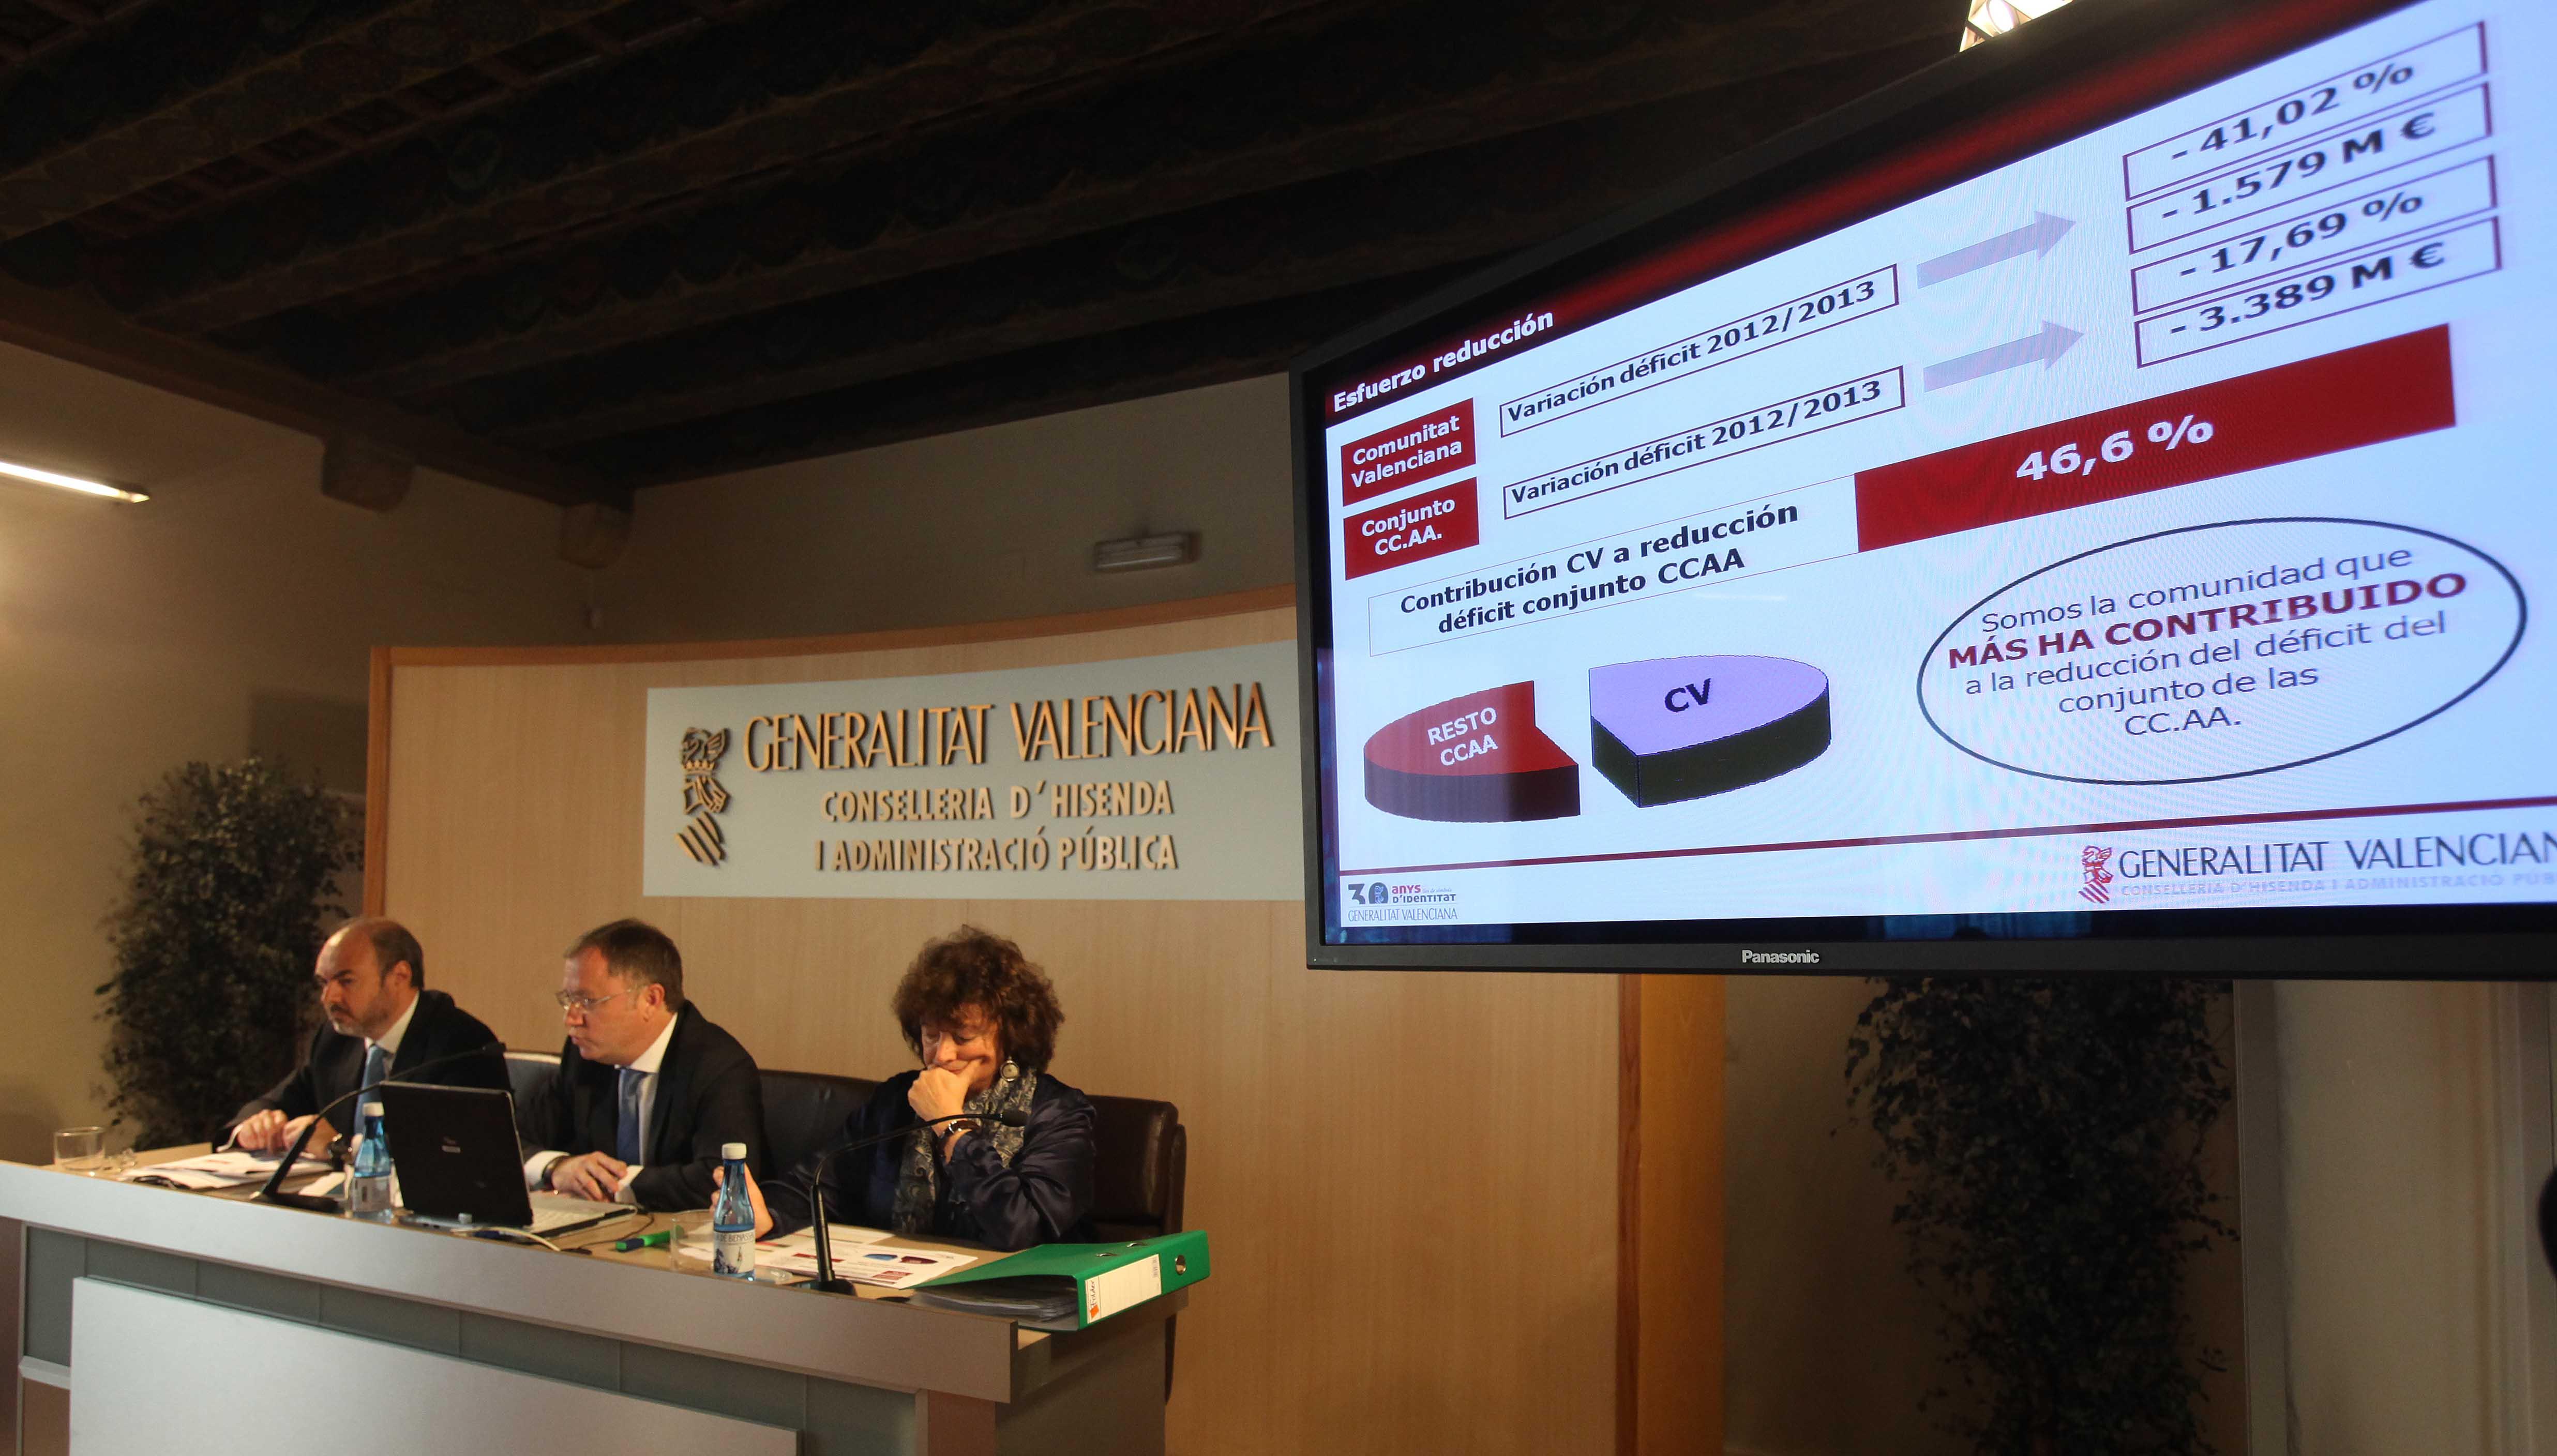 El conseller de economía Moragues durante el acto de presentación de los datos económicos de la Comunitat Valenciana.